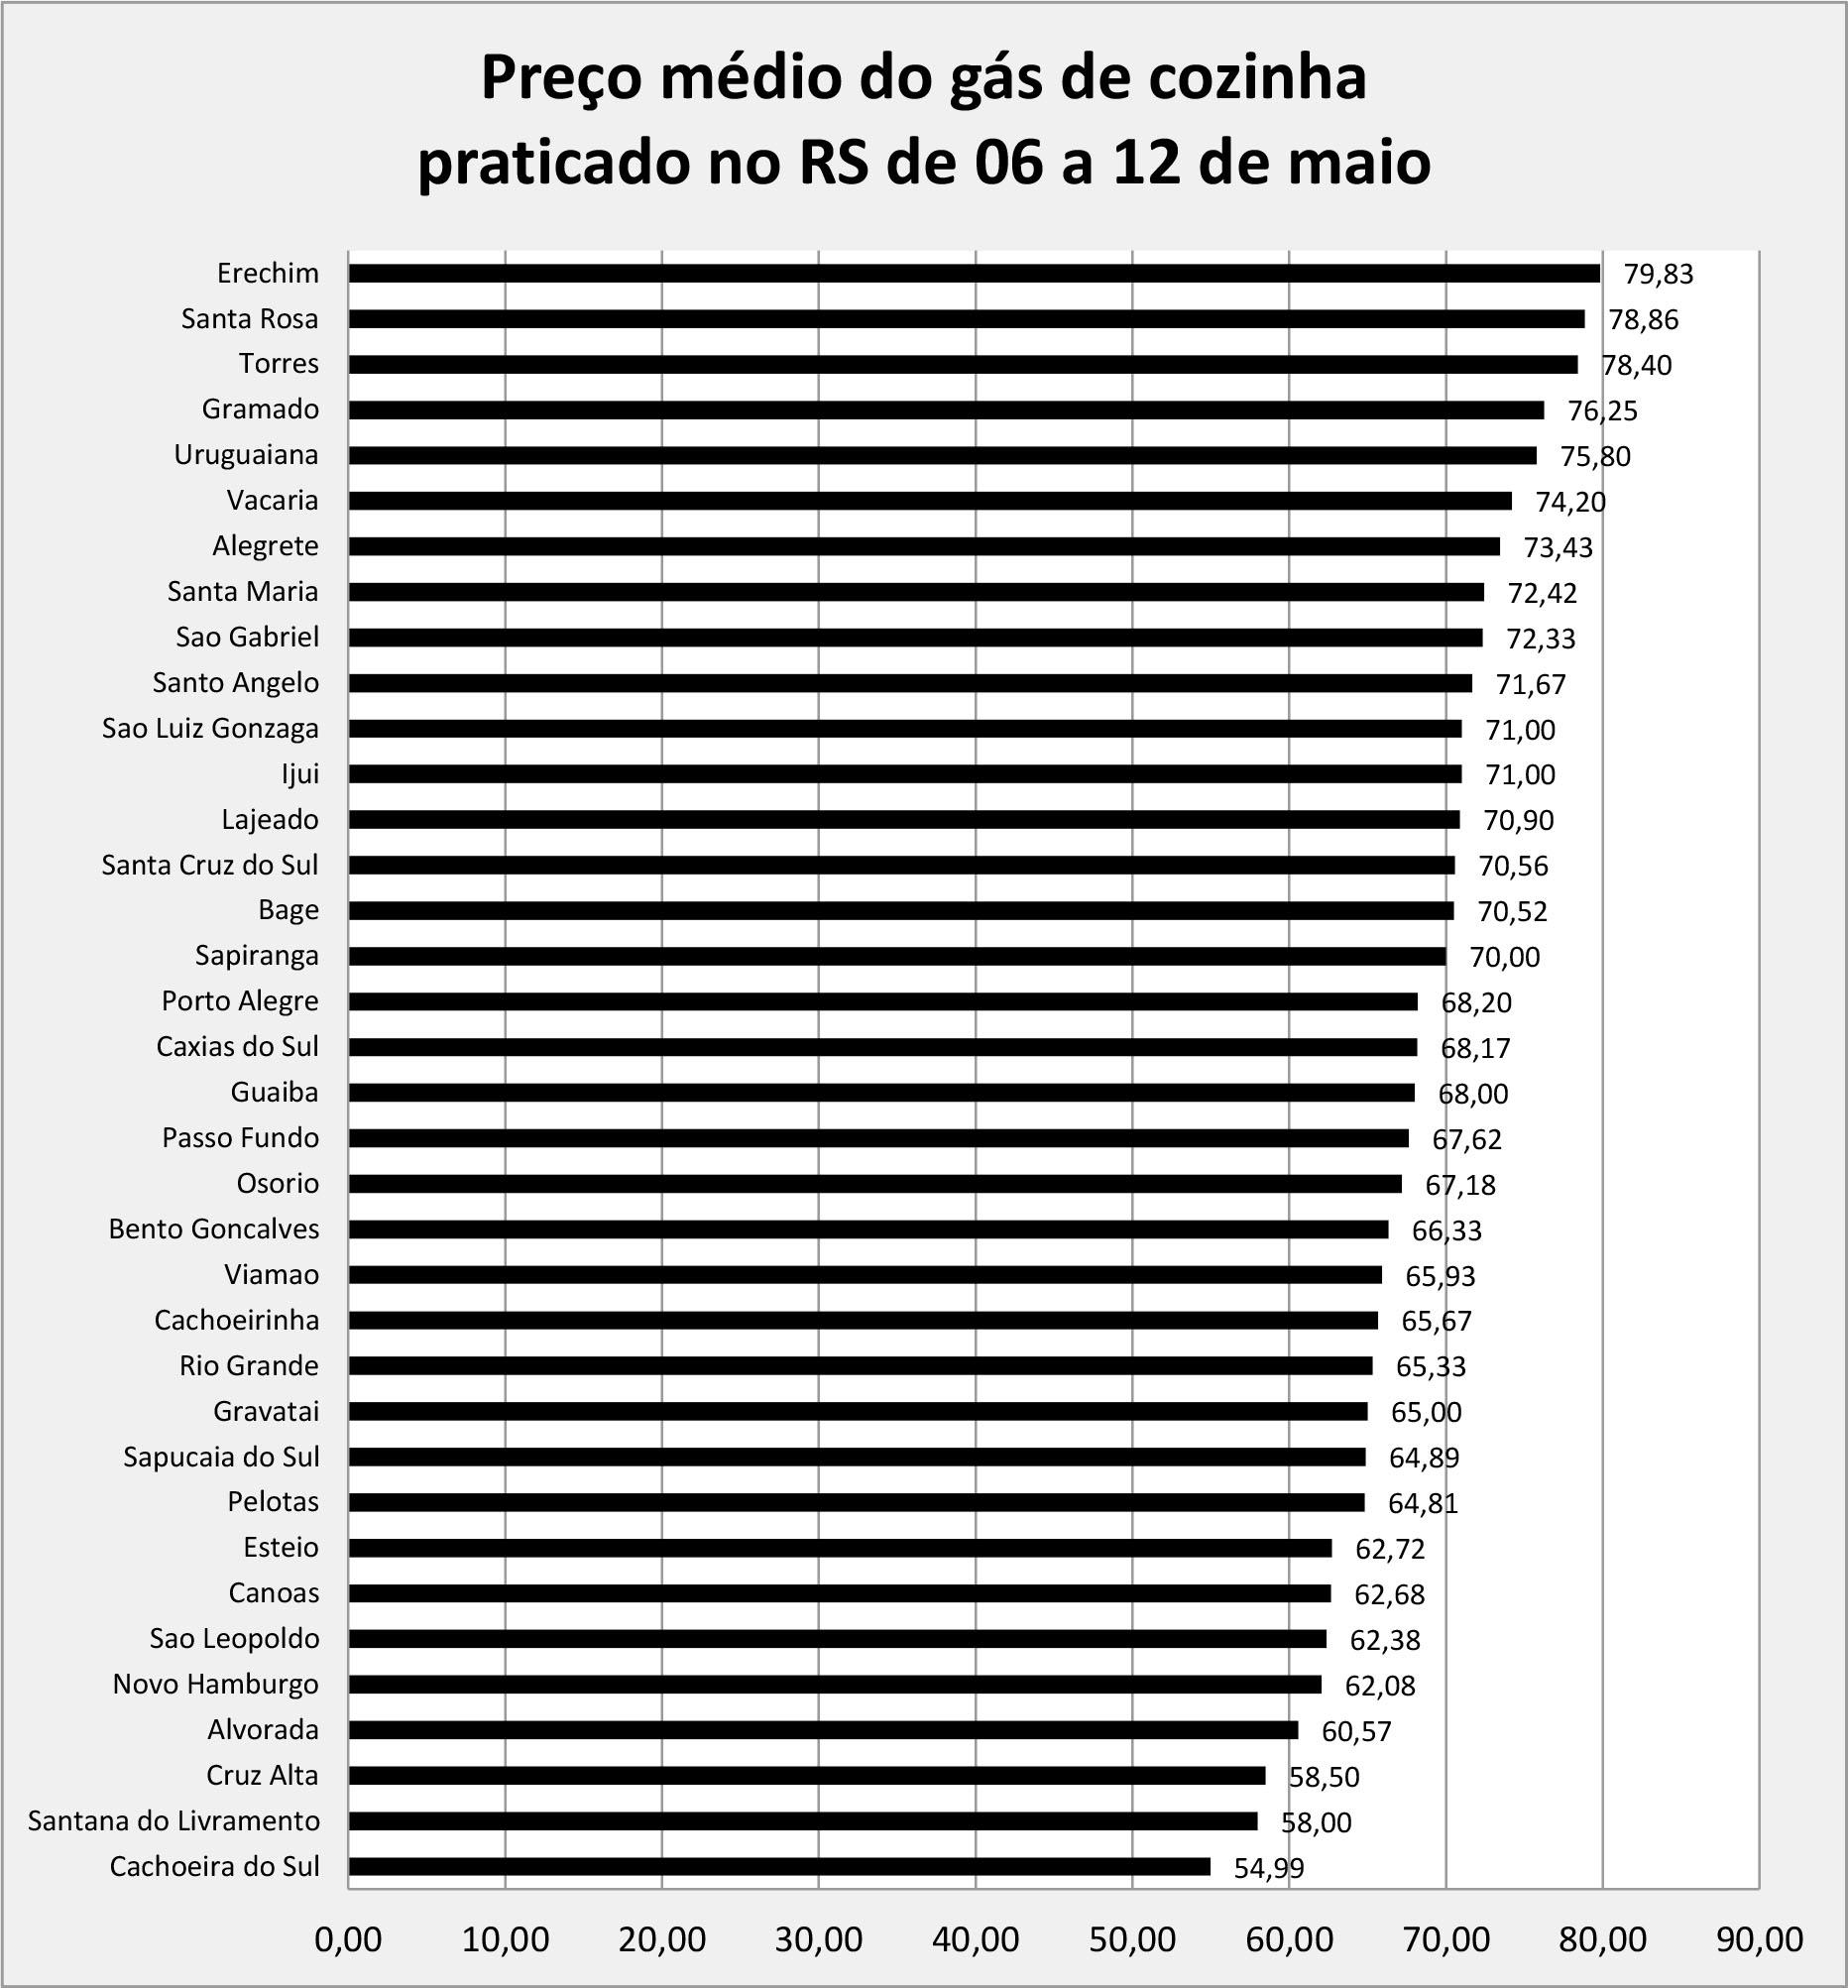 Gráfico do preço do gás de cozinha no RS copiar